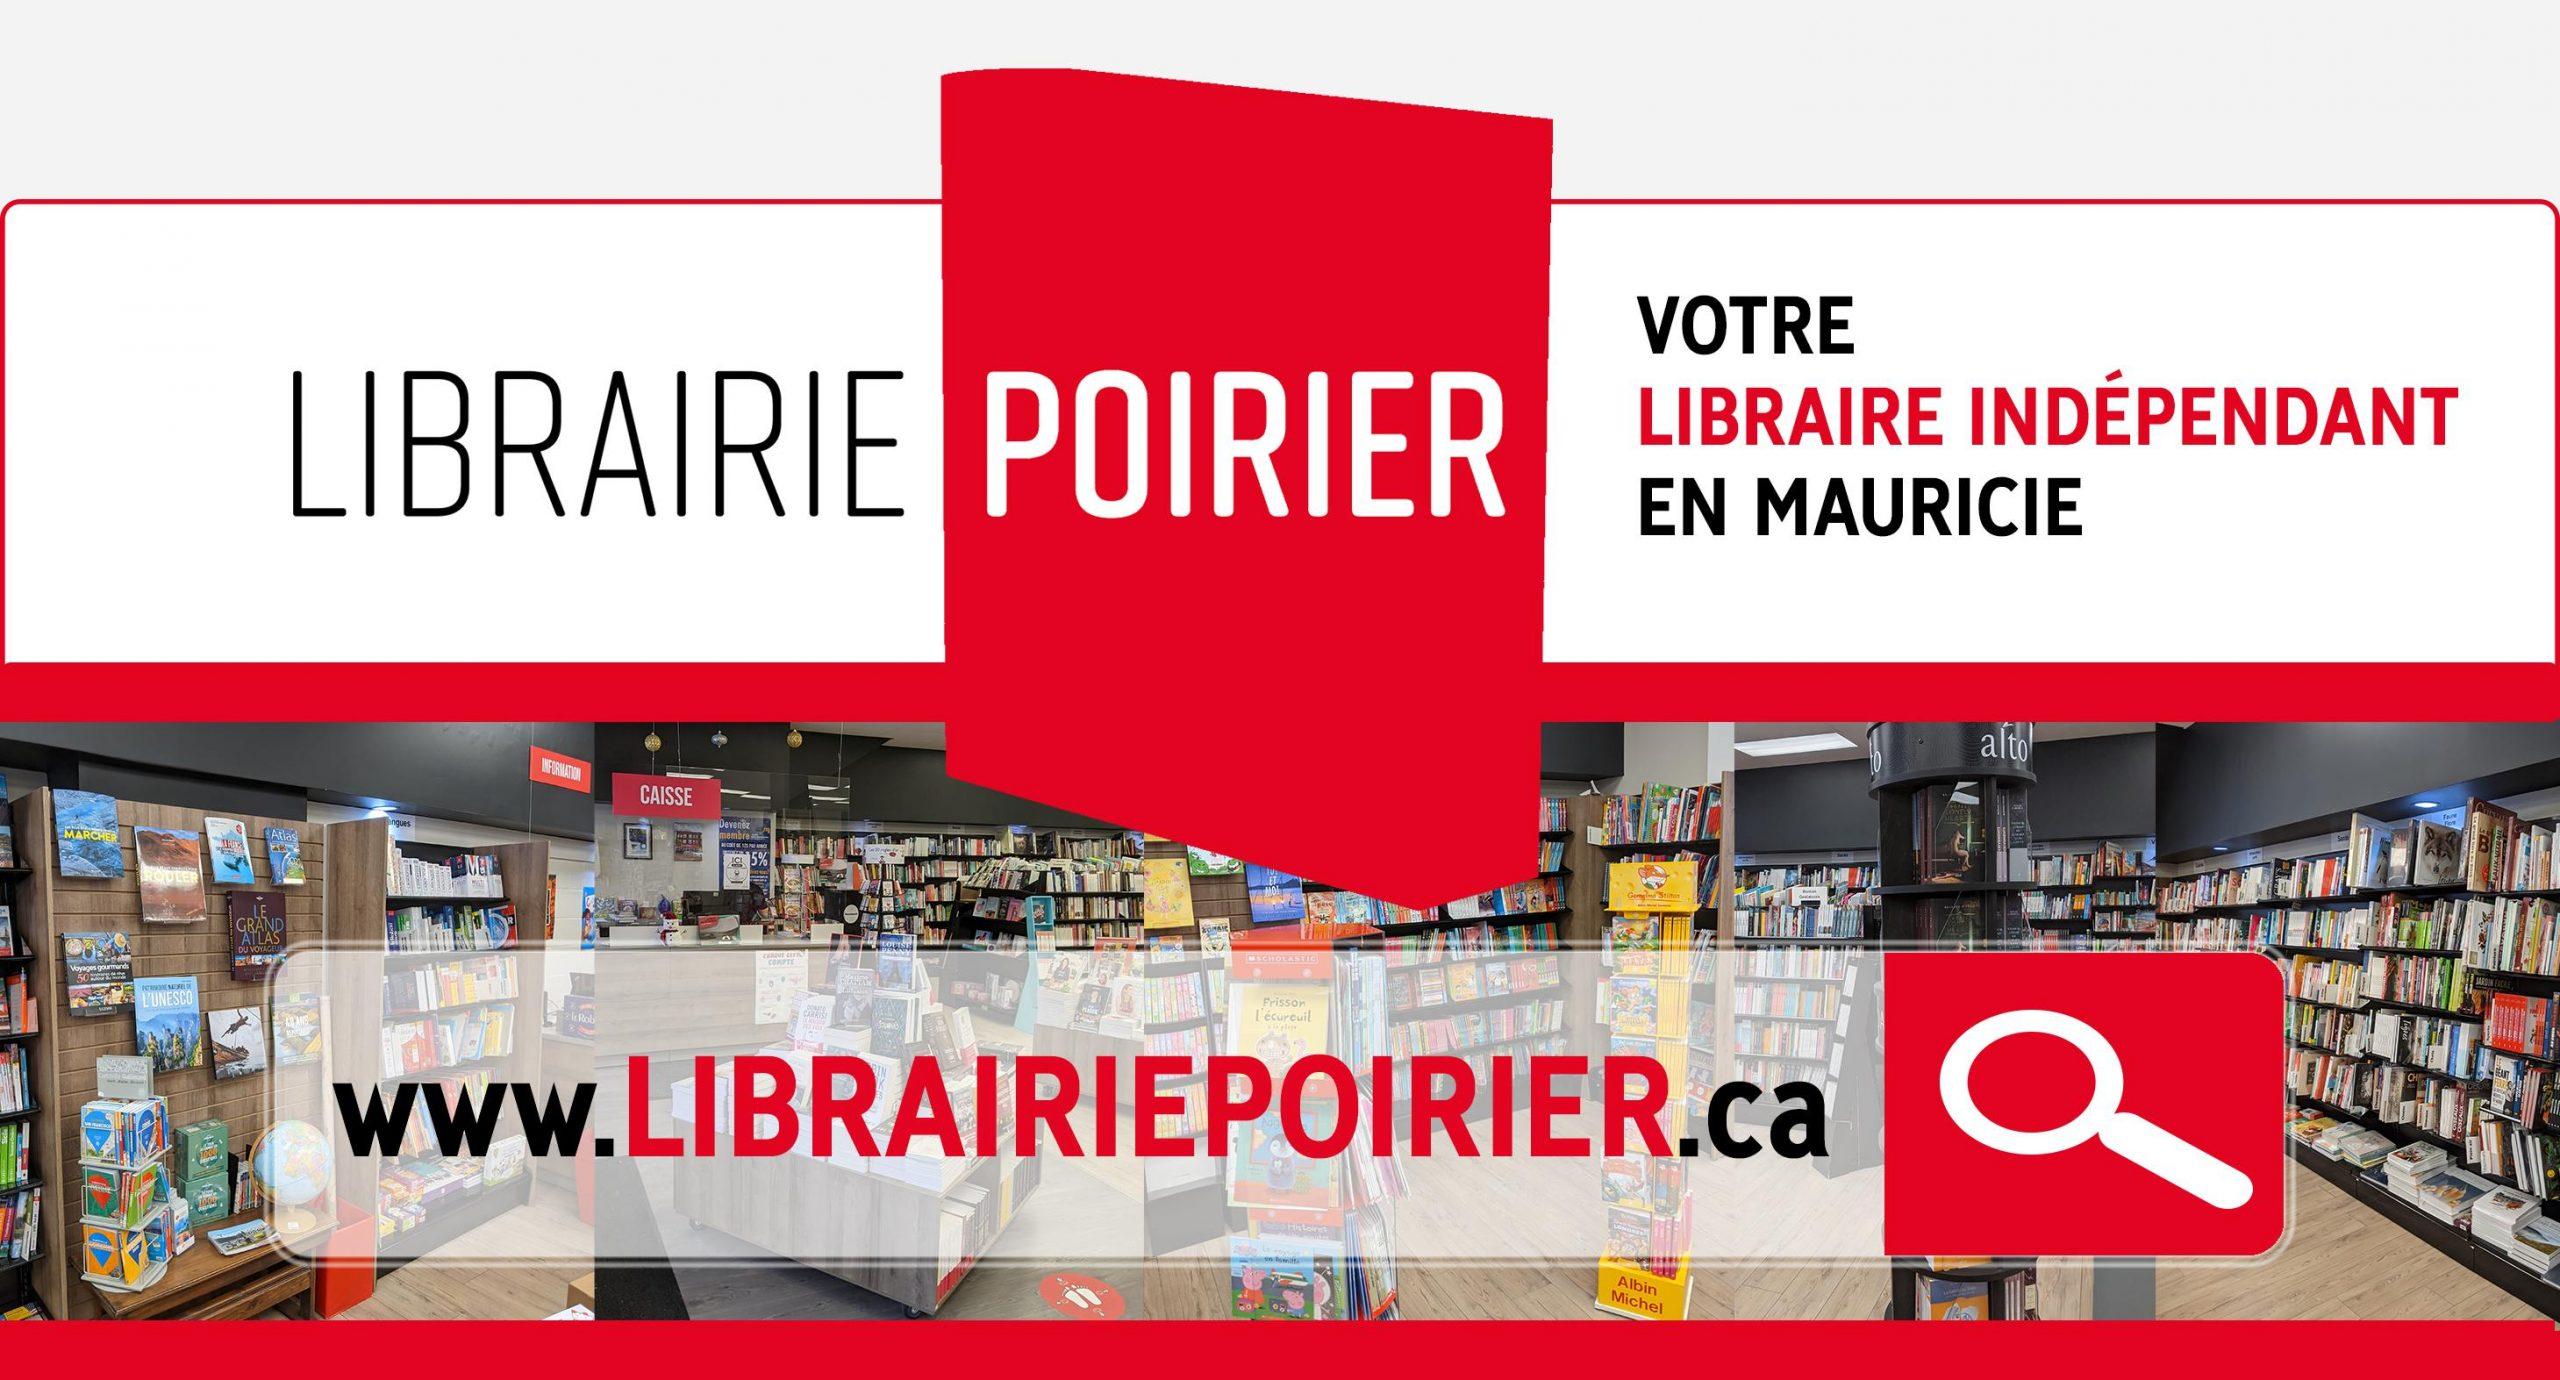 Librairie Poirier